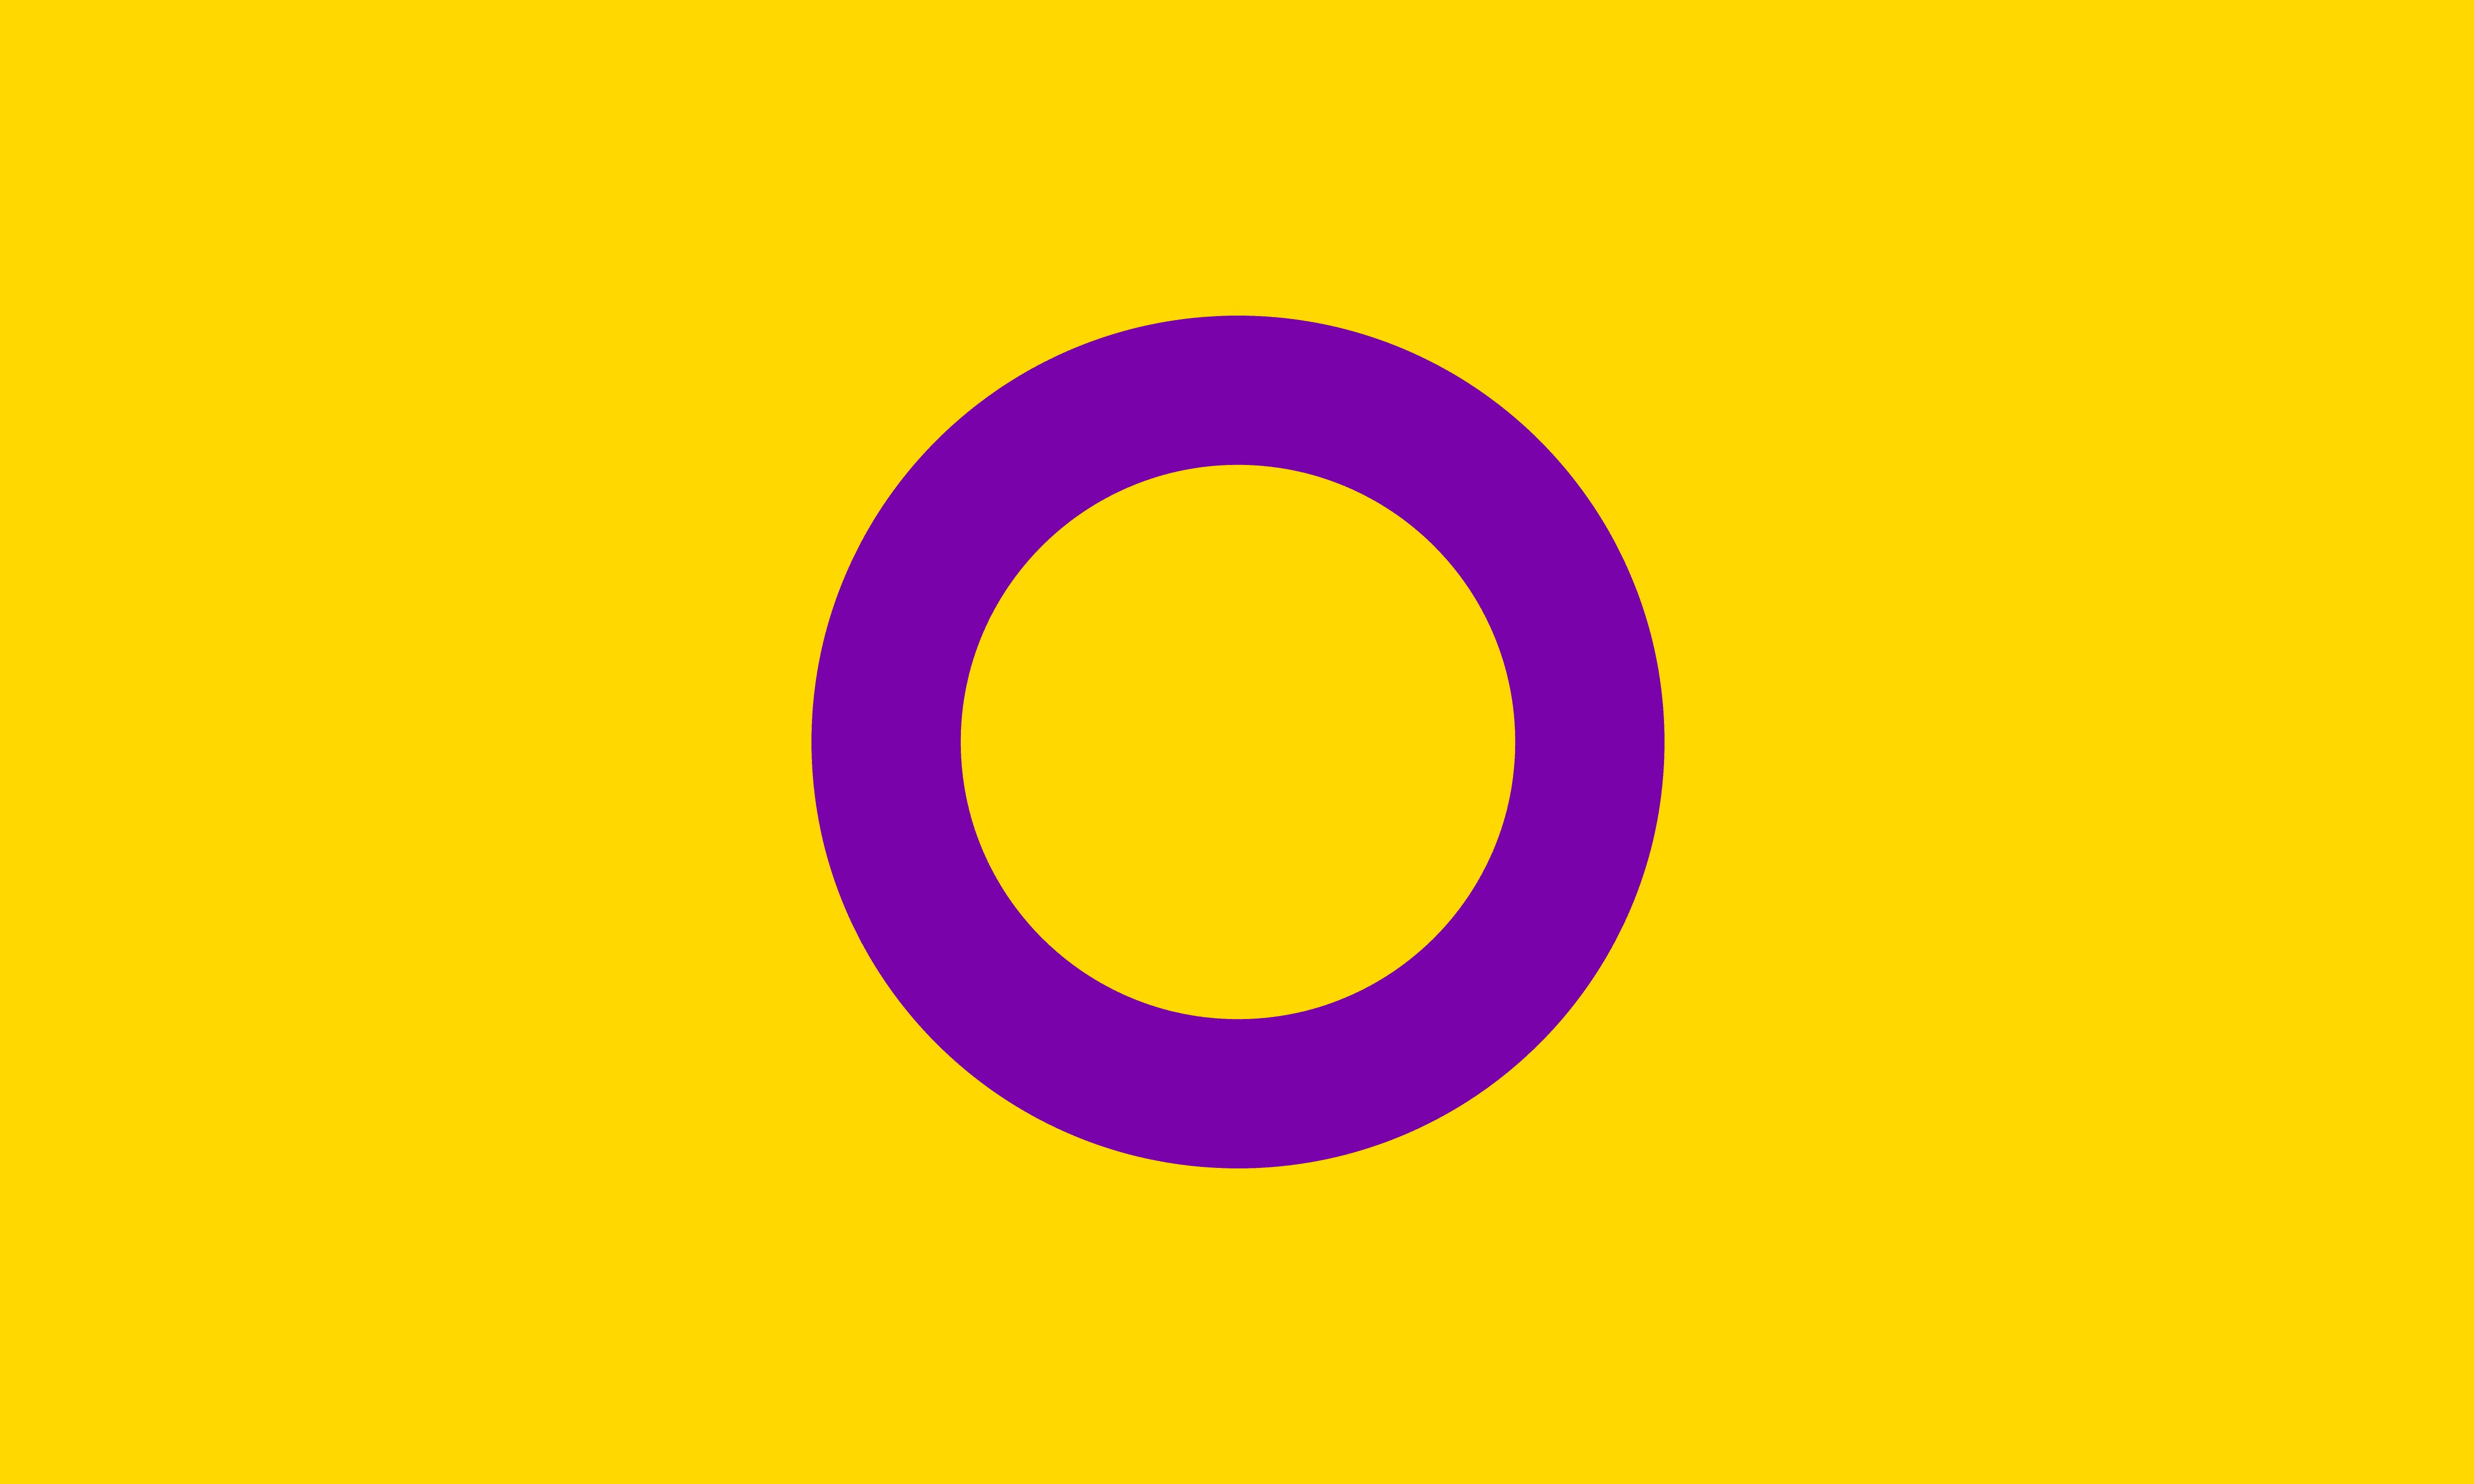 intersex pride flag by pride flags d96n3kv